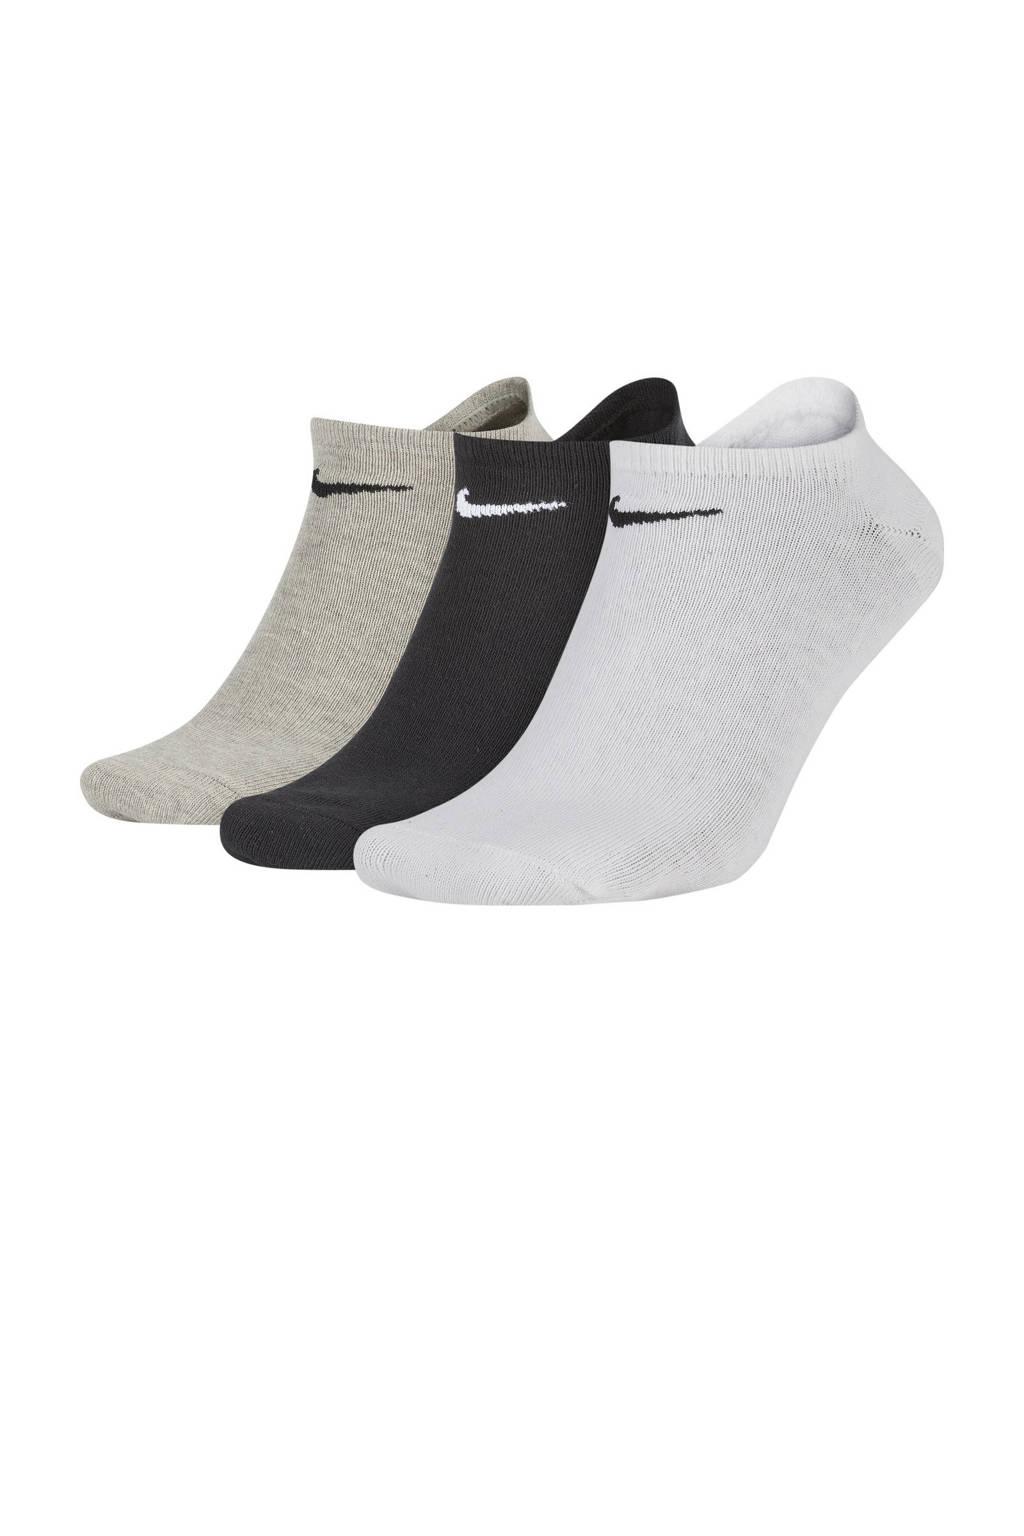 Nike   sportsokken - set van 3 wit/zwart/grijs, Wit/zwart/grijs